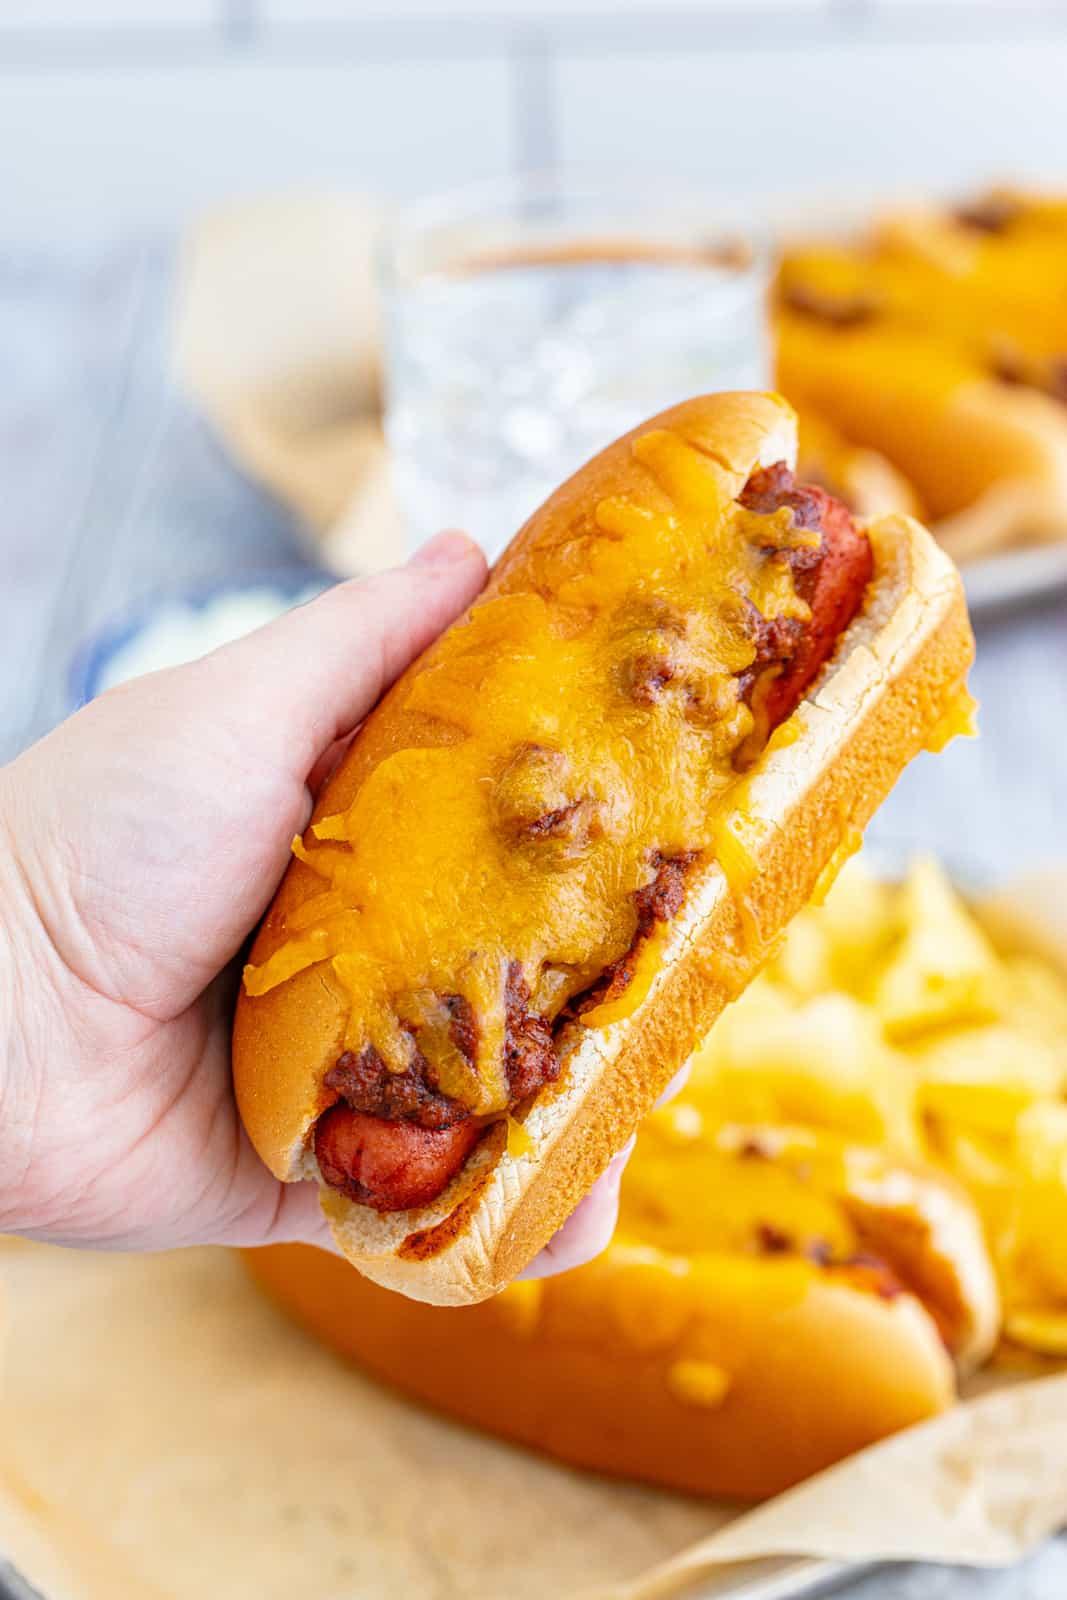 Hand holding up one Chili Dog